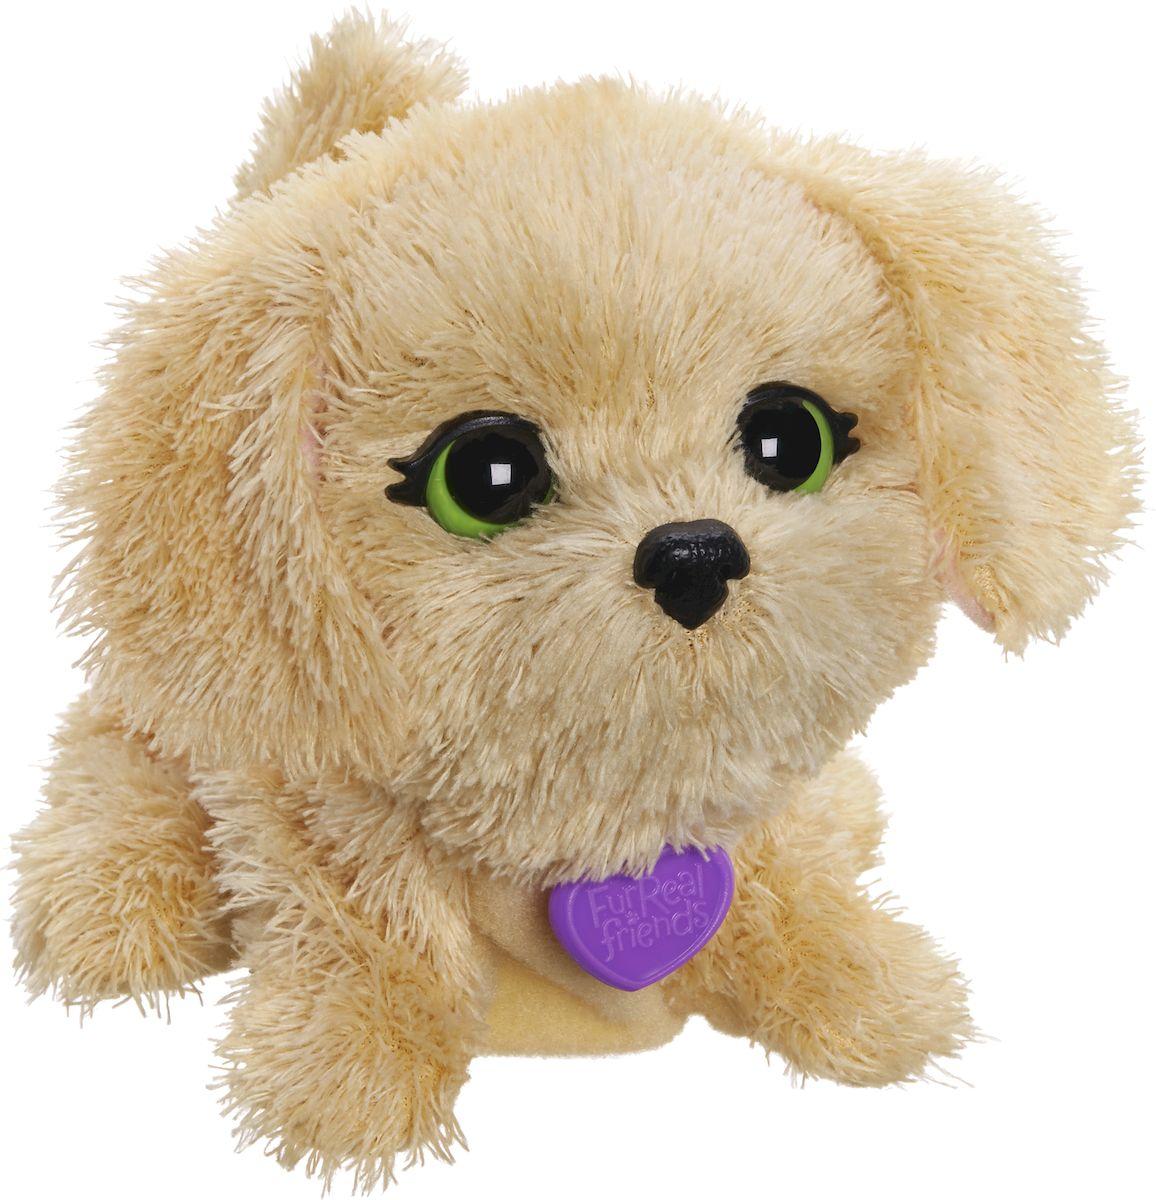 FurReal Friends Интерактивная игрушка Щенок 2 - Интерактивные игрушки